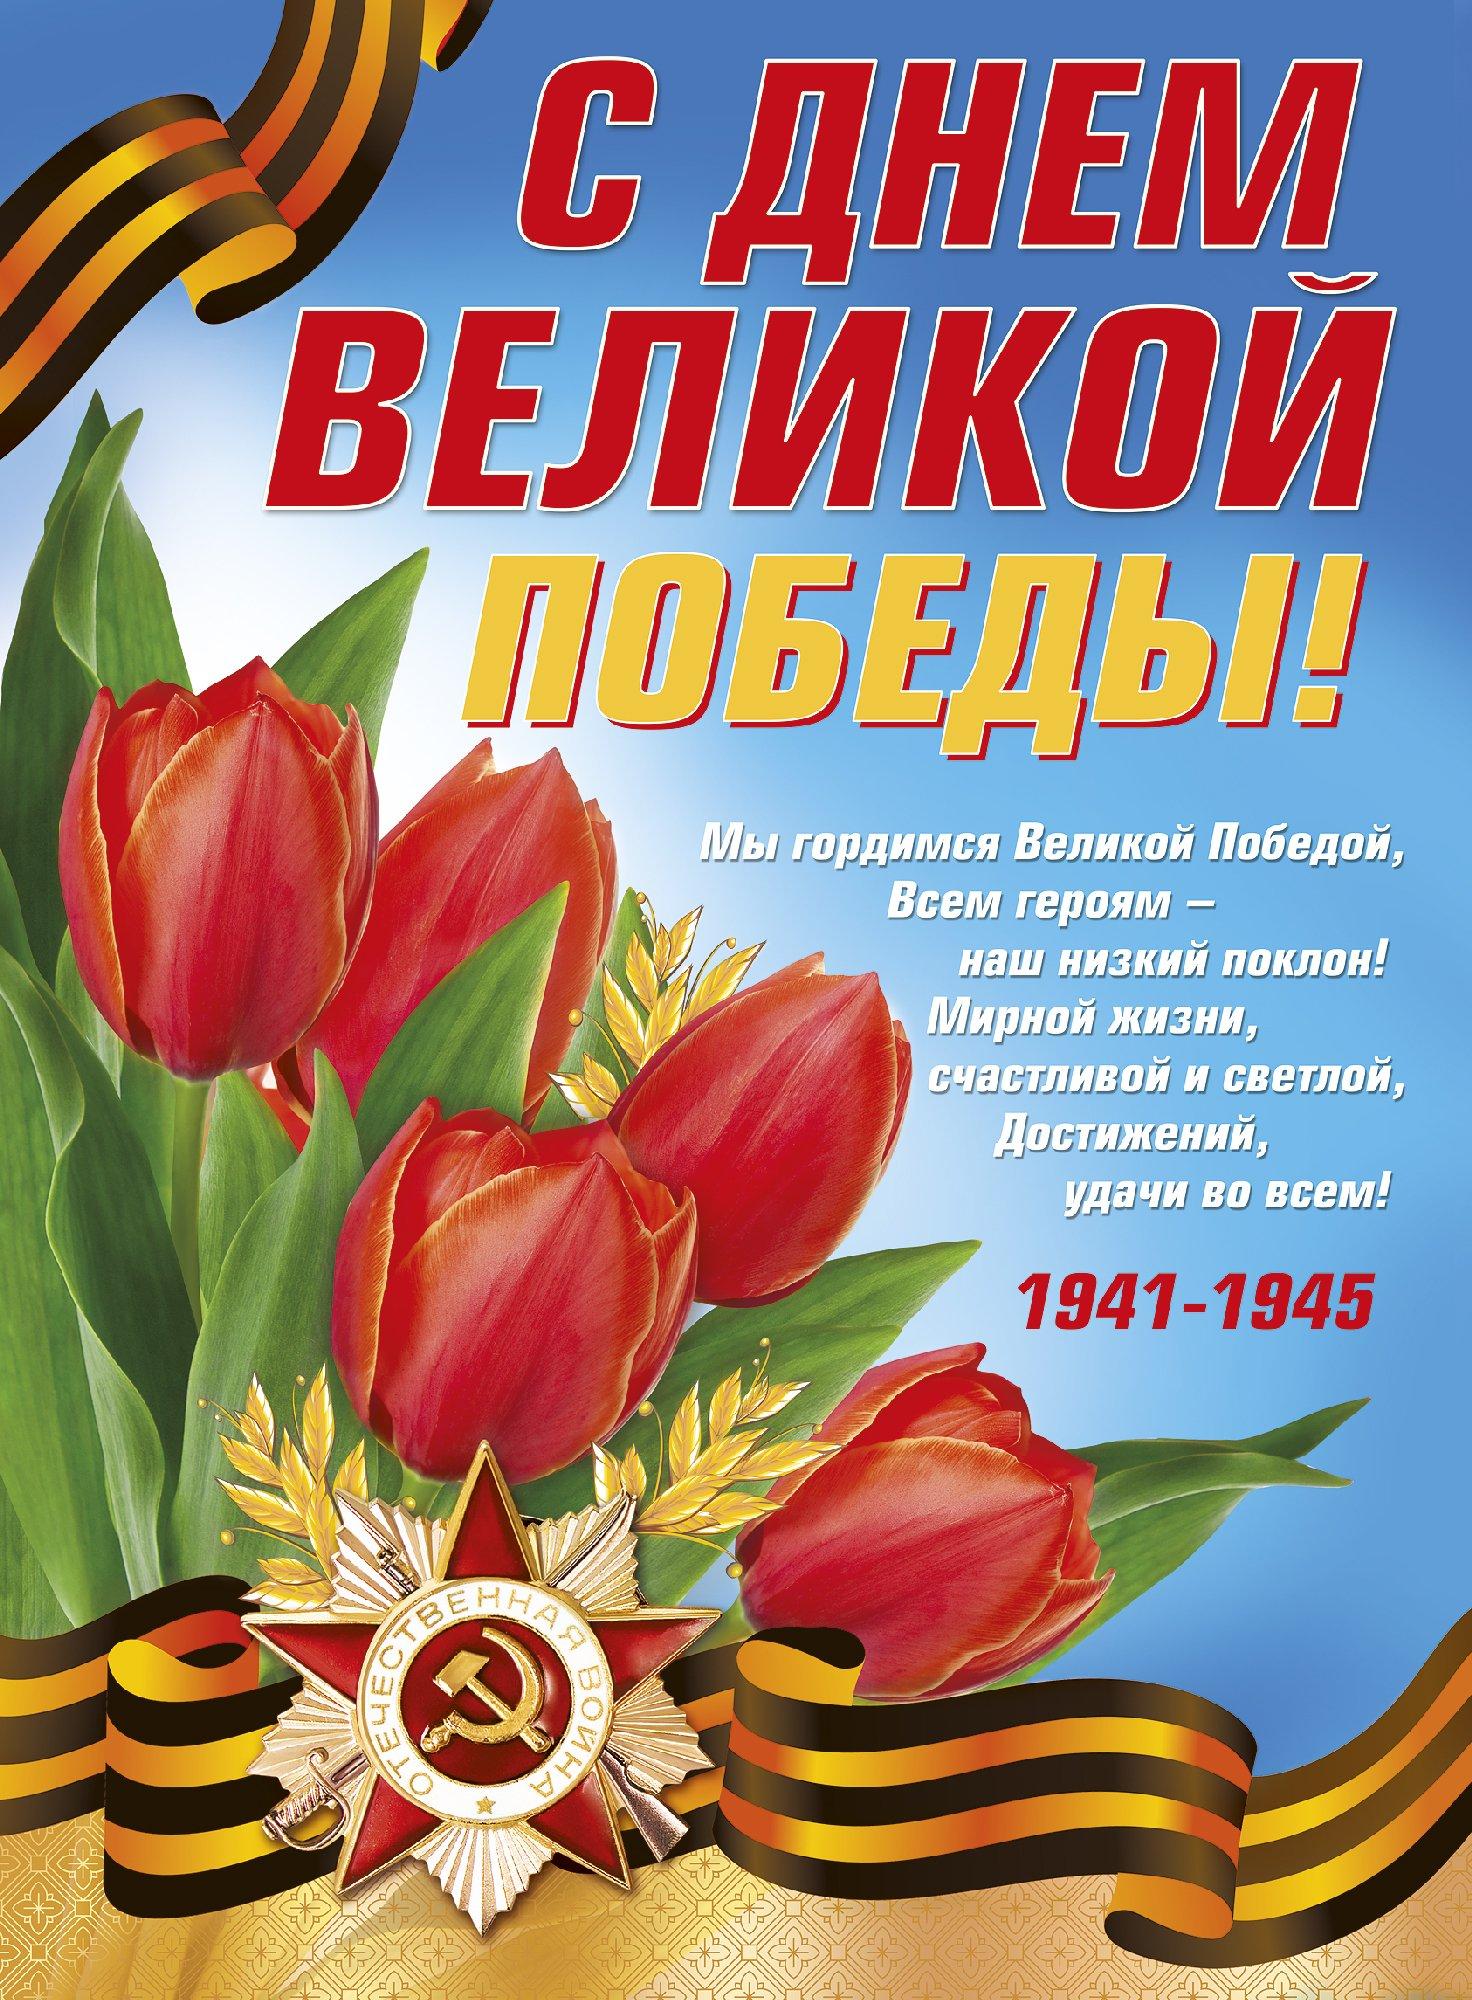 Открытка с днем великой победы 9 мая, открытки